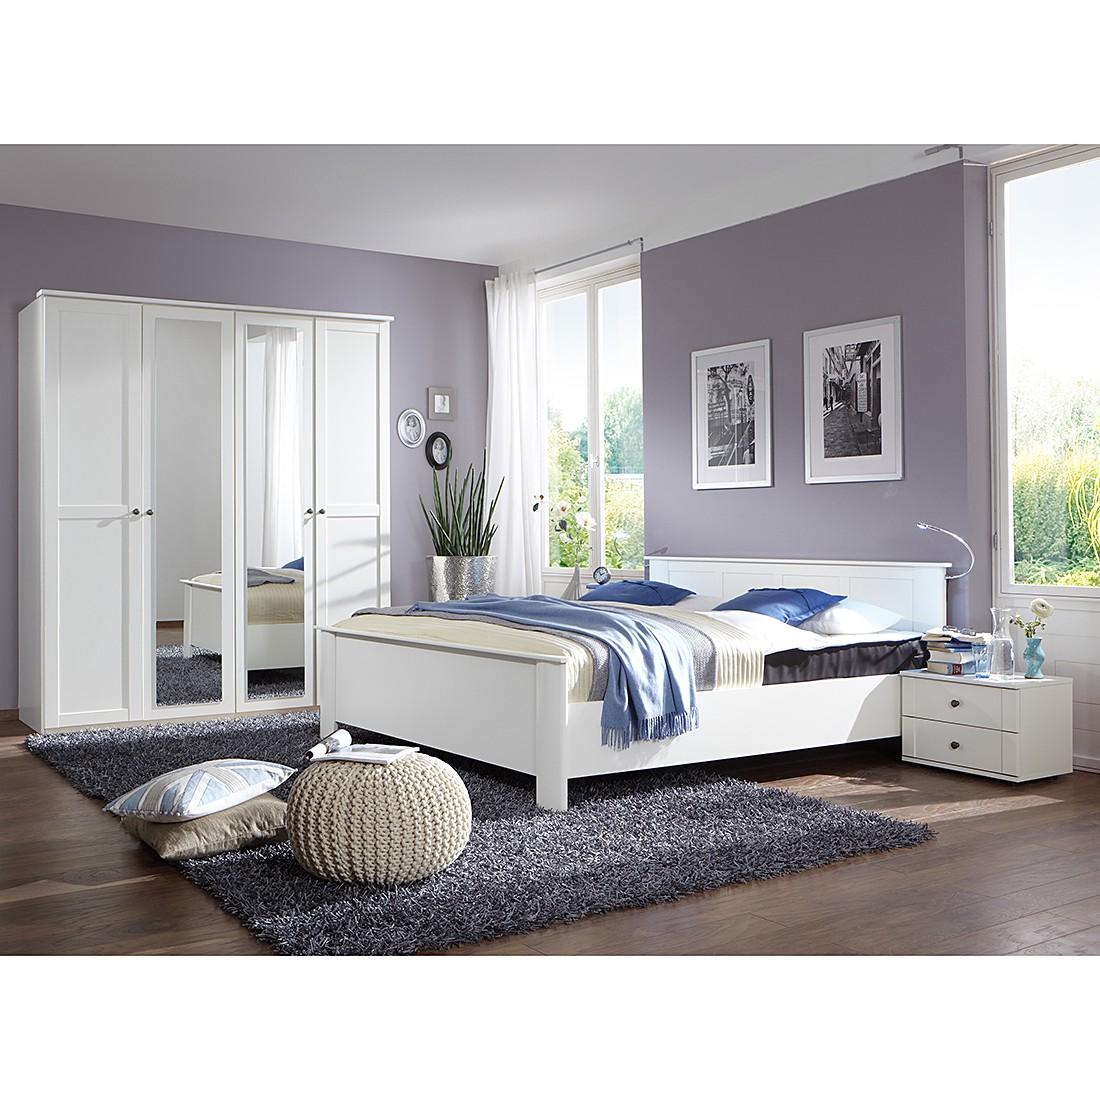 Schlafzimmerset Chalet – Klein Alpinweiß, Wimex günstig online kaufen